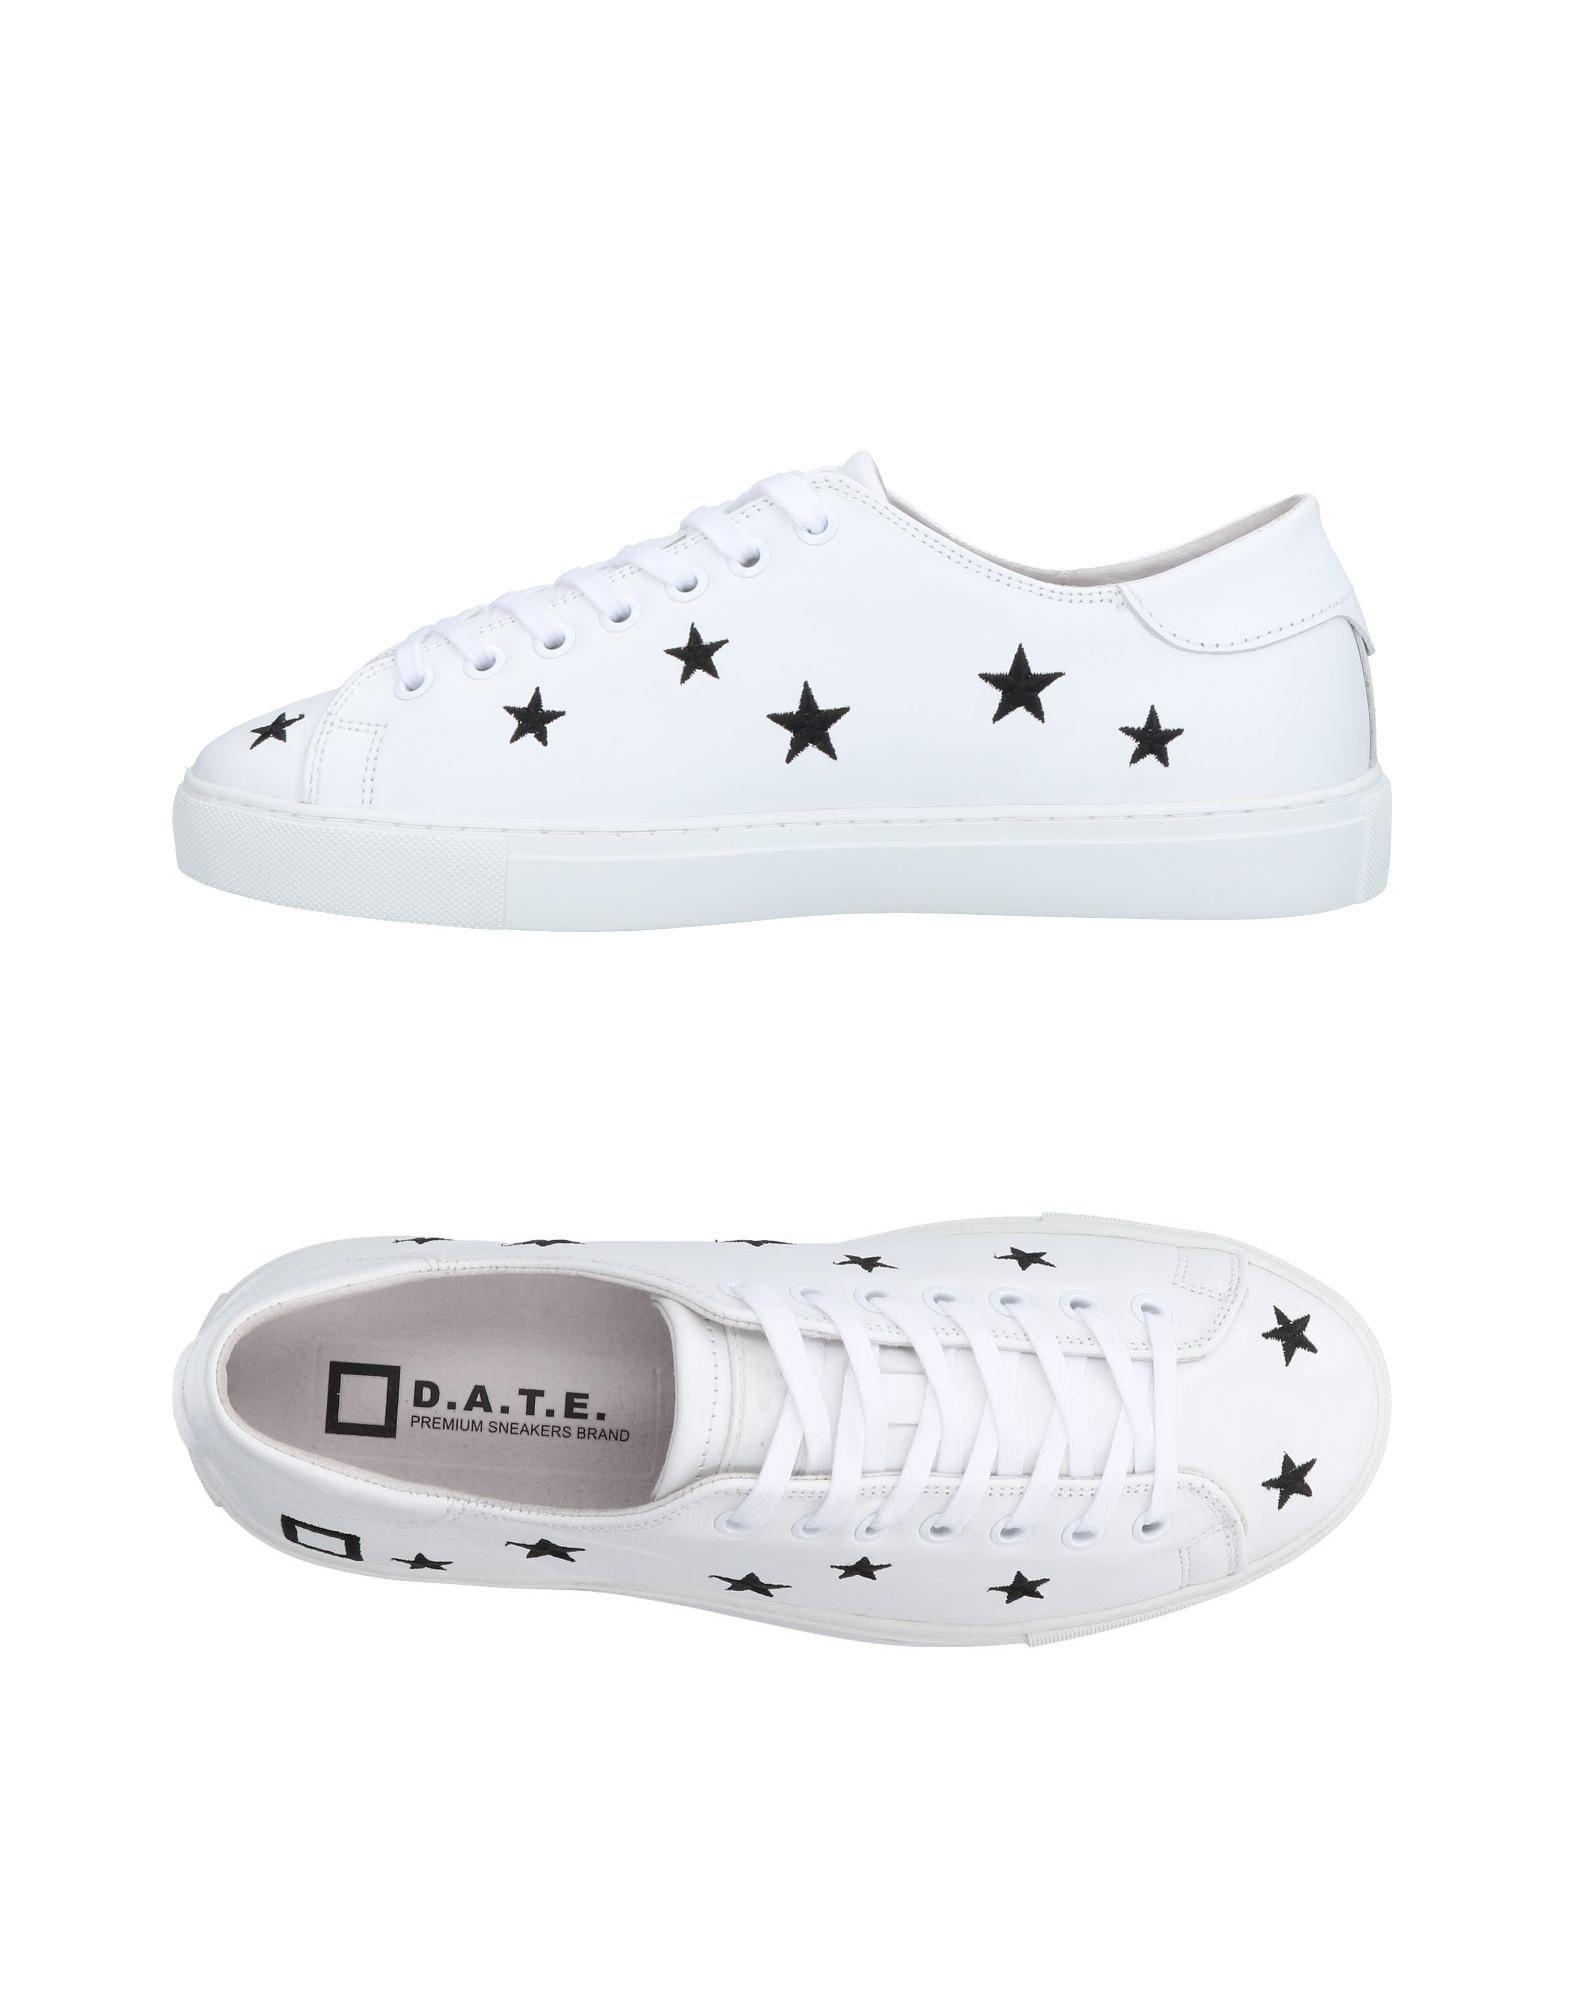 Rabatt D.A.T.E. echte Schuhe D.A.T.E. Rabatt Sneakers Herren  11491811HJ 3ecb81